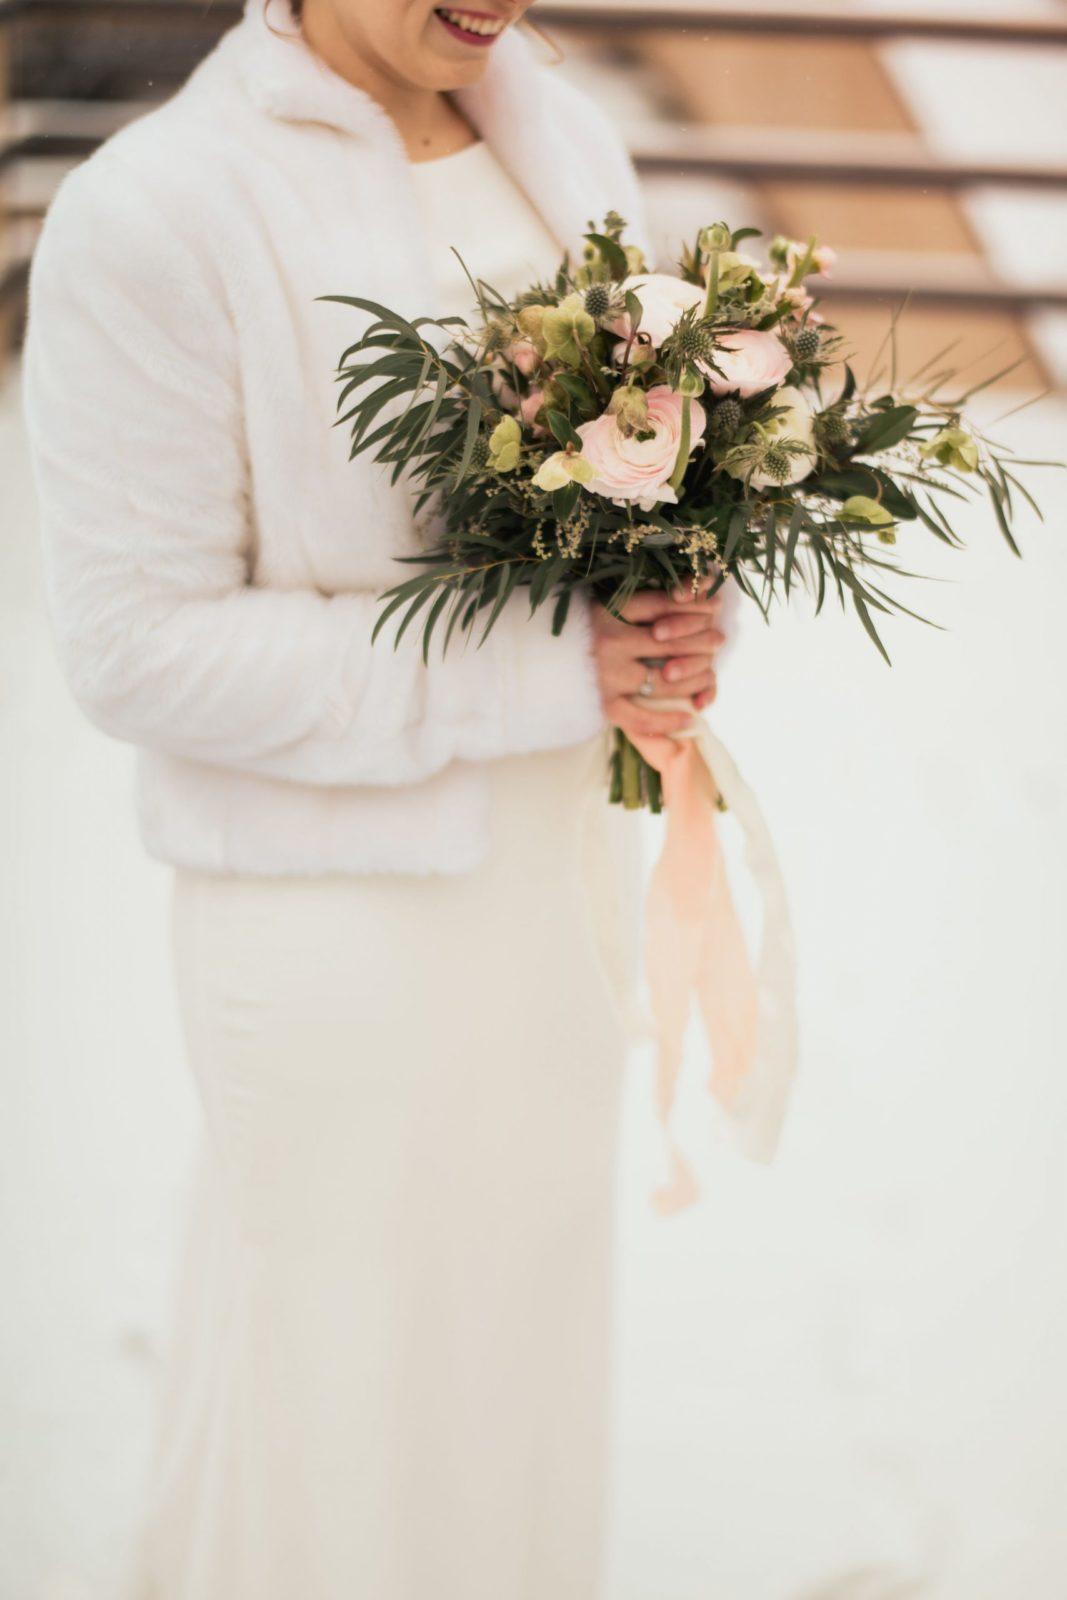 Svadobná kytica v rukách nevesty, okolo je nasnežené.